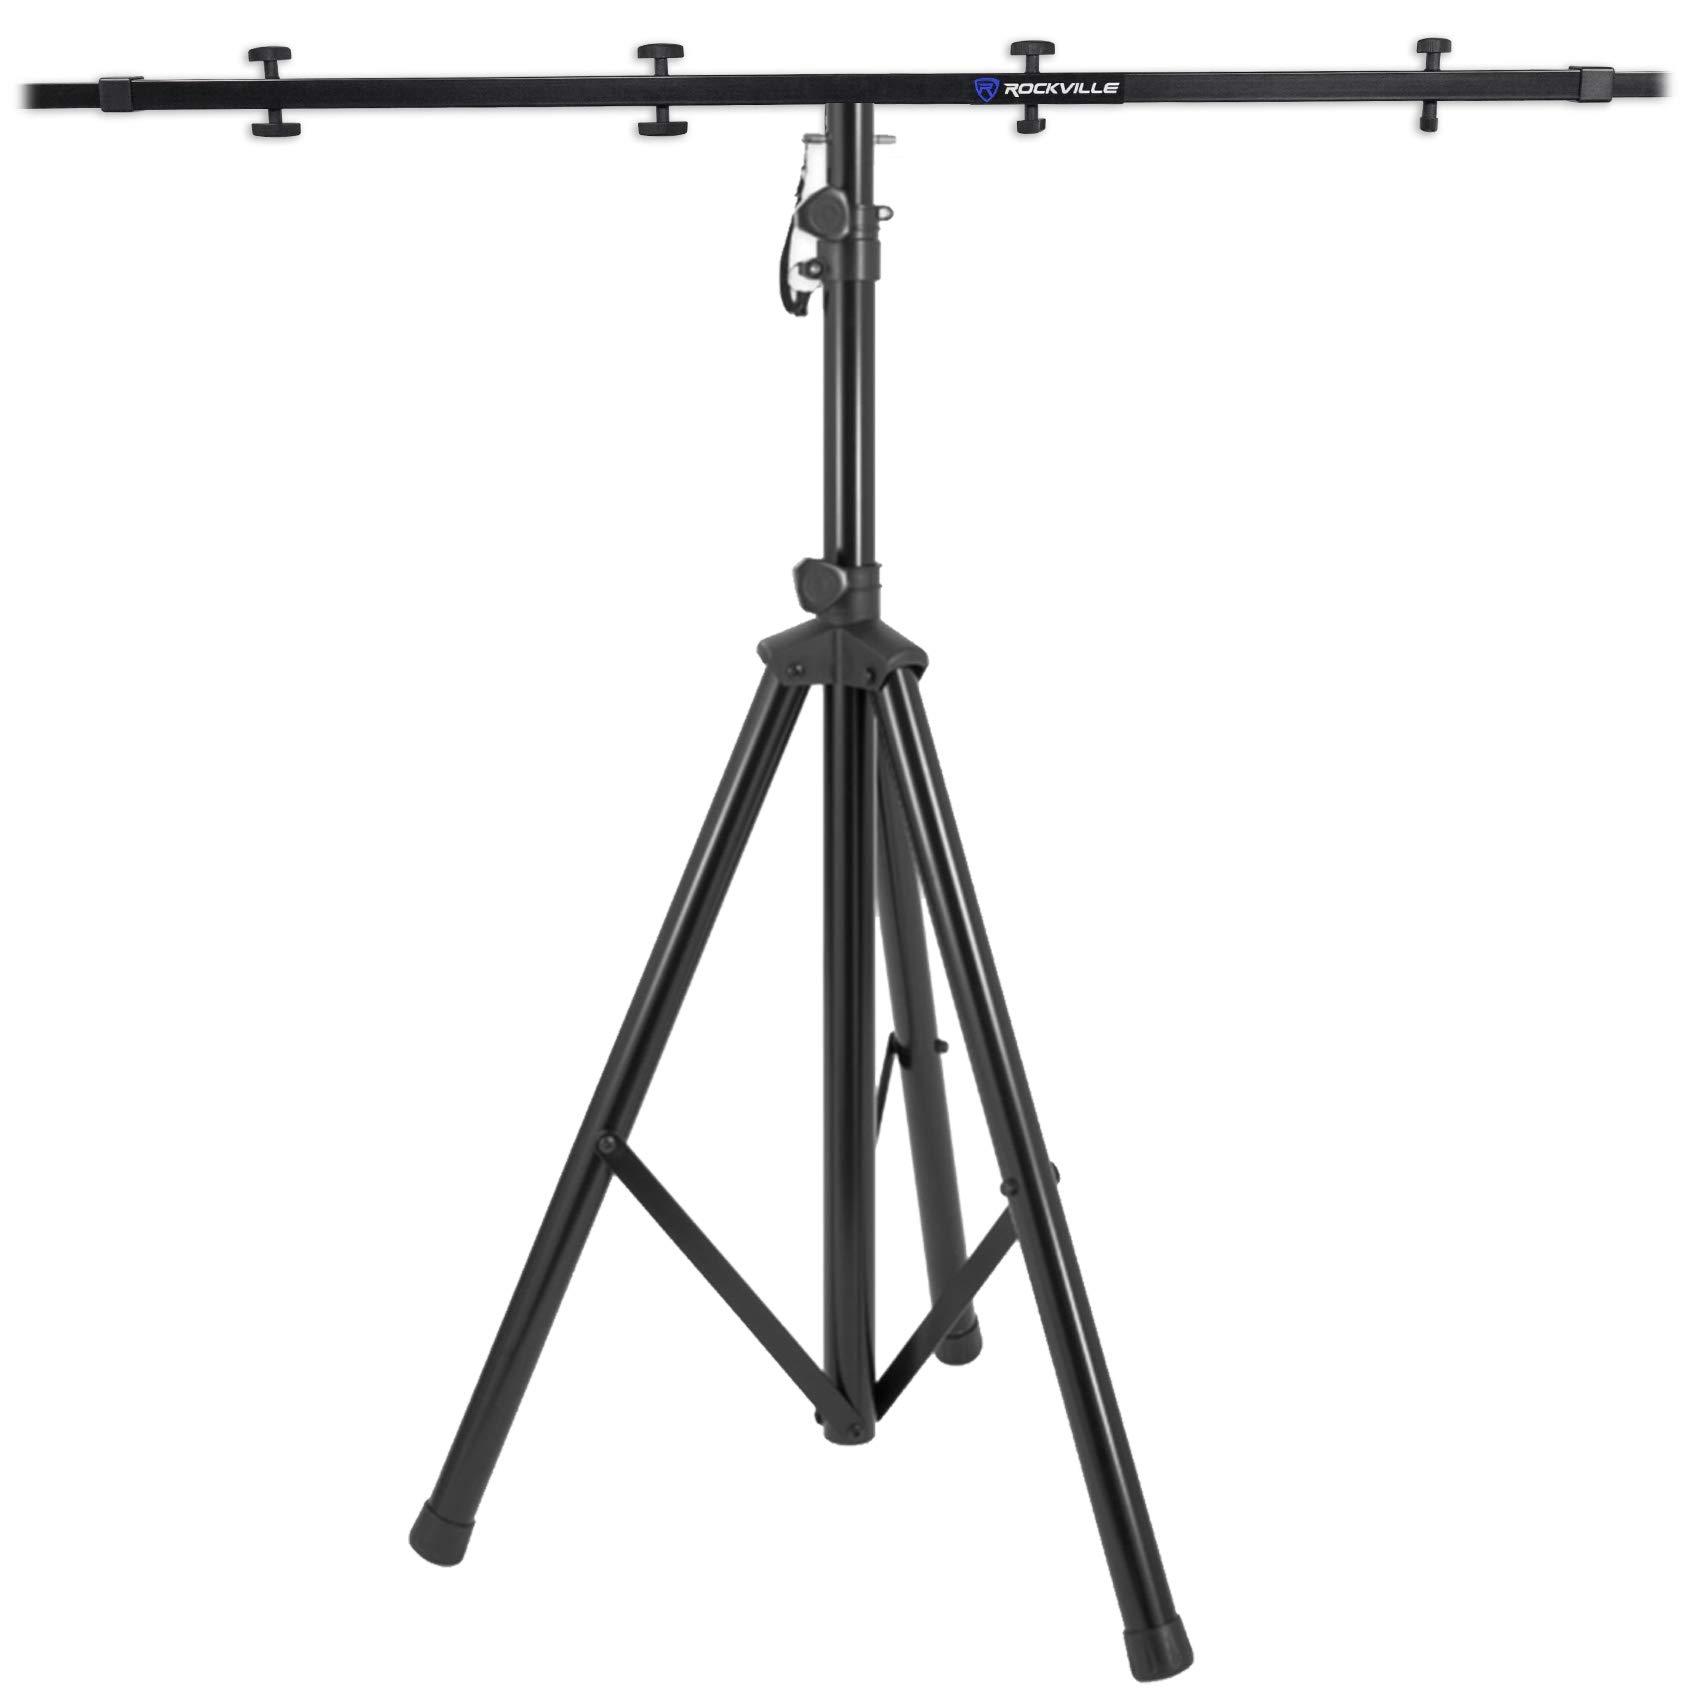 Rockville RVES05 Black Heavy Duty Tripod Pole-Mount Stand + Lighting Cross Bar